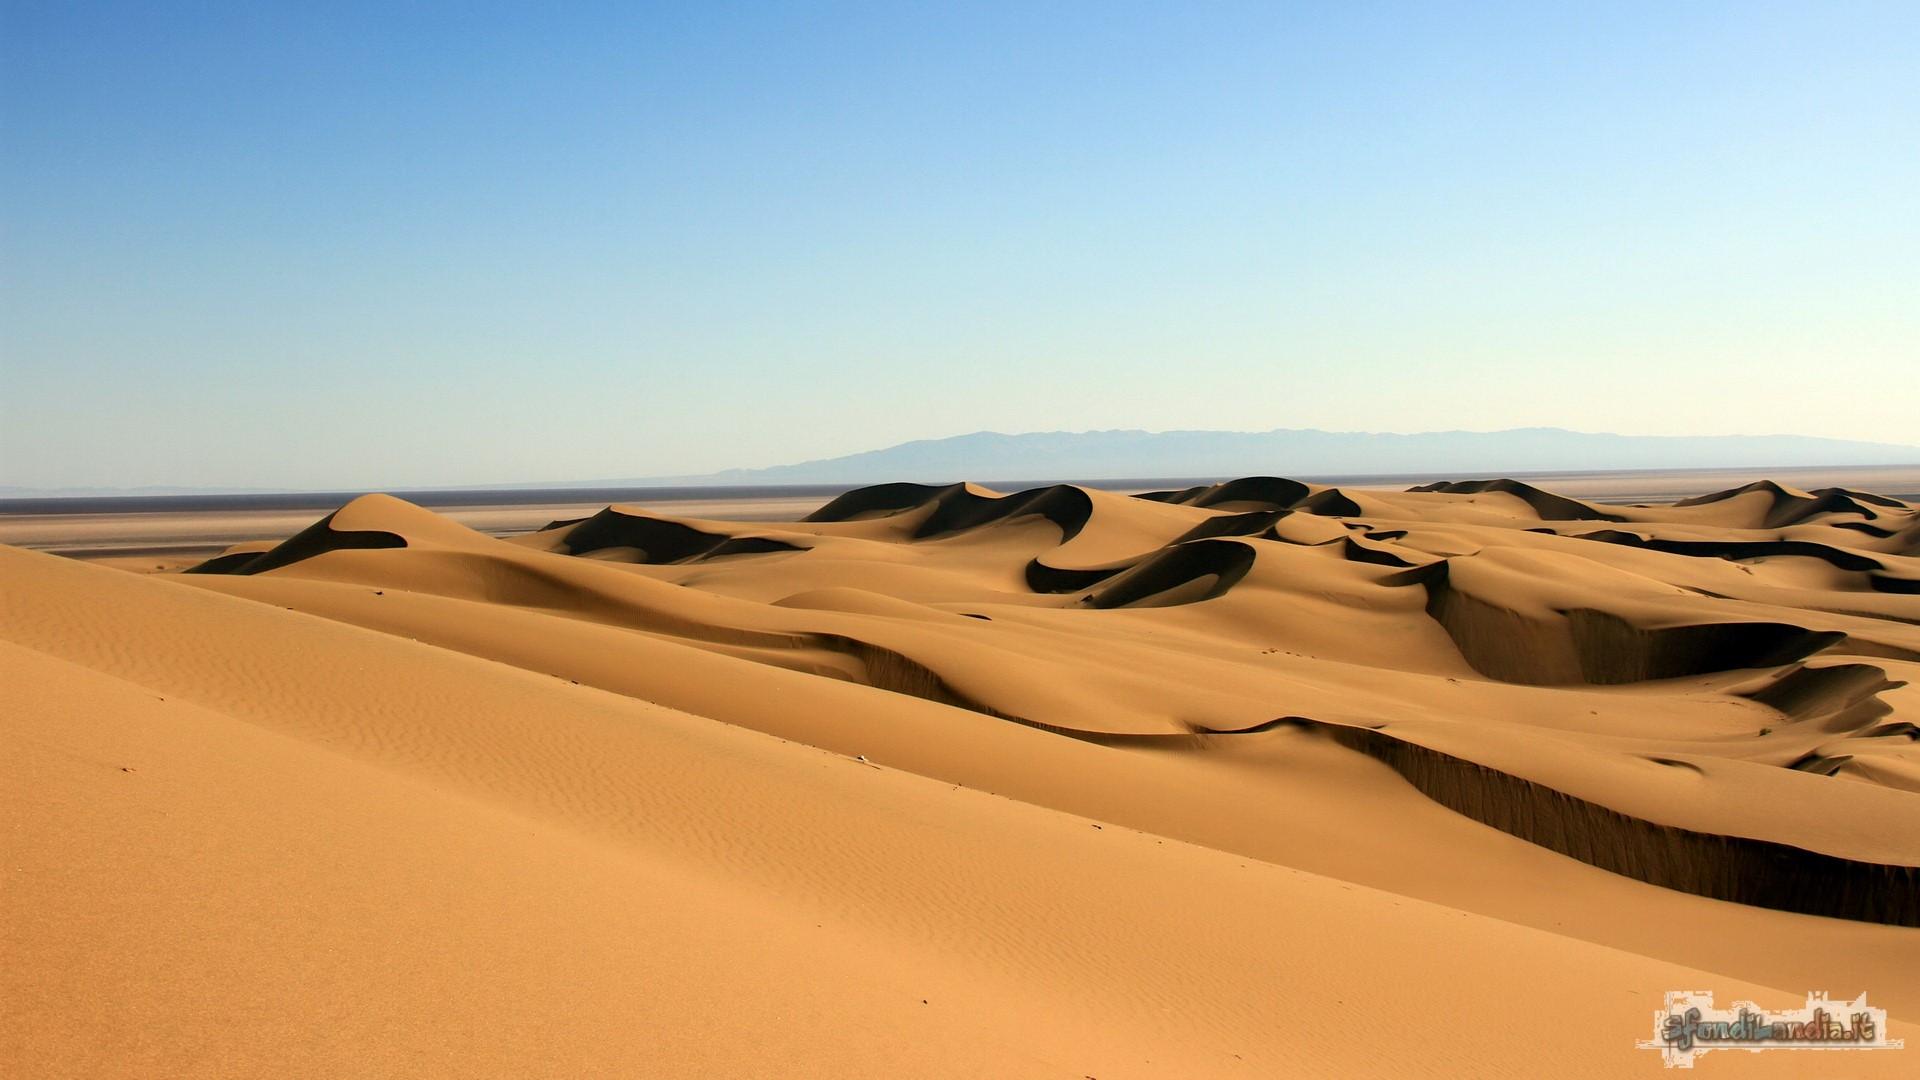 Marajab Desert